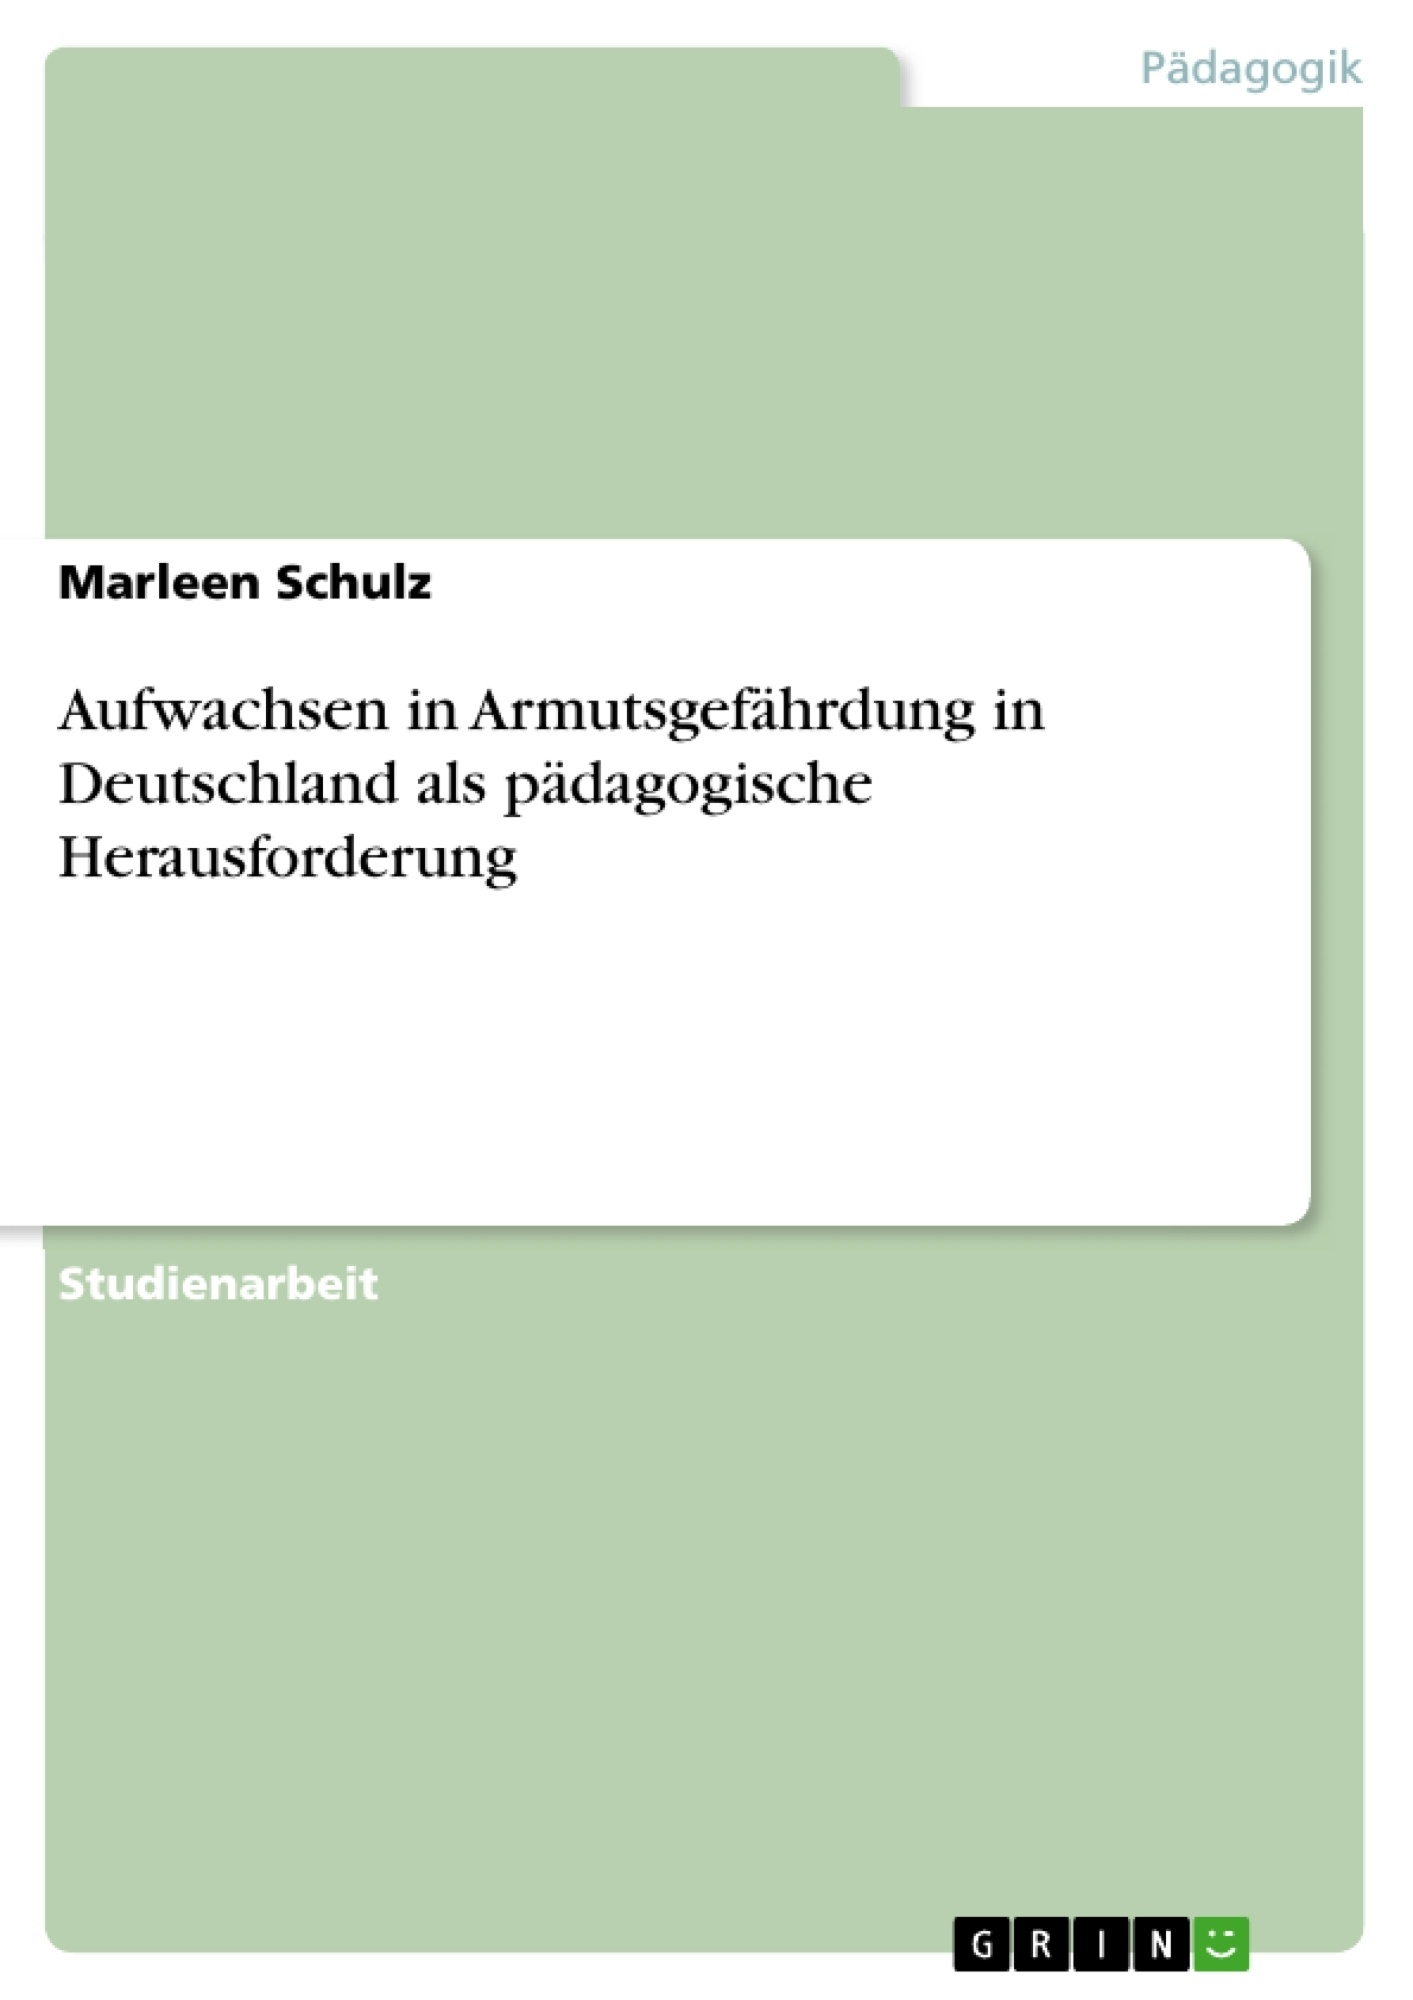 Titel: Aufwachsen in Armutsgefährdung in Deutschland als pädagogische Herausforderung